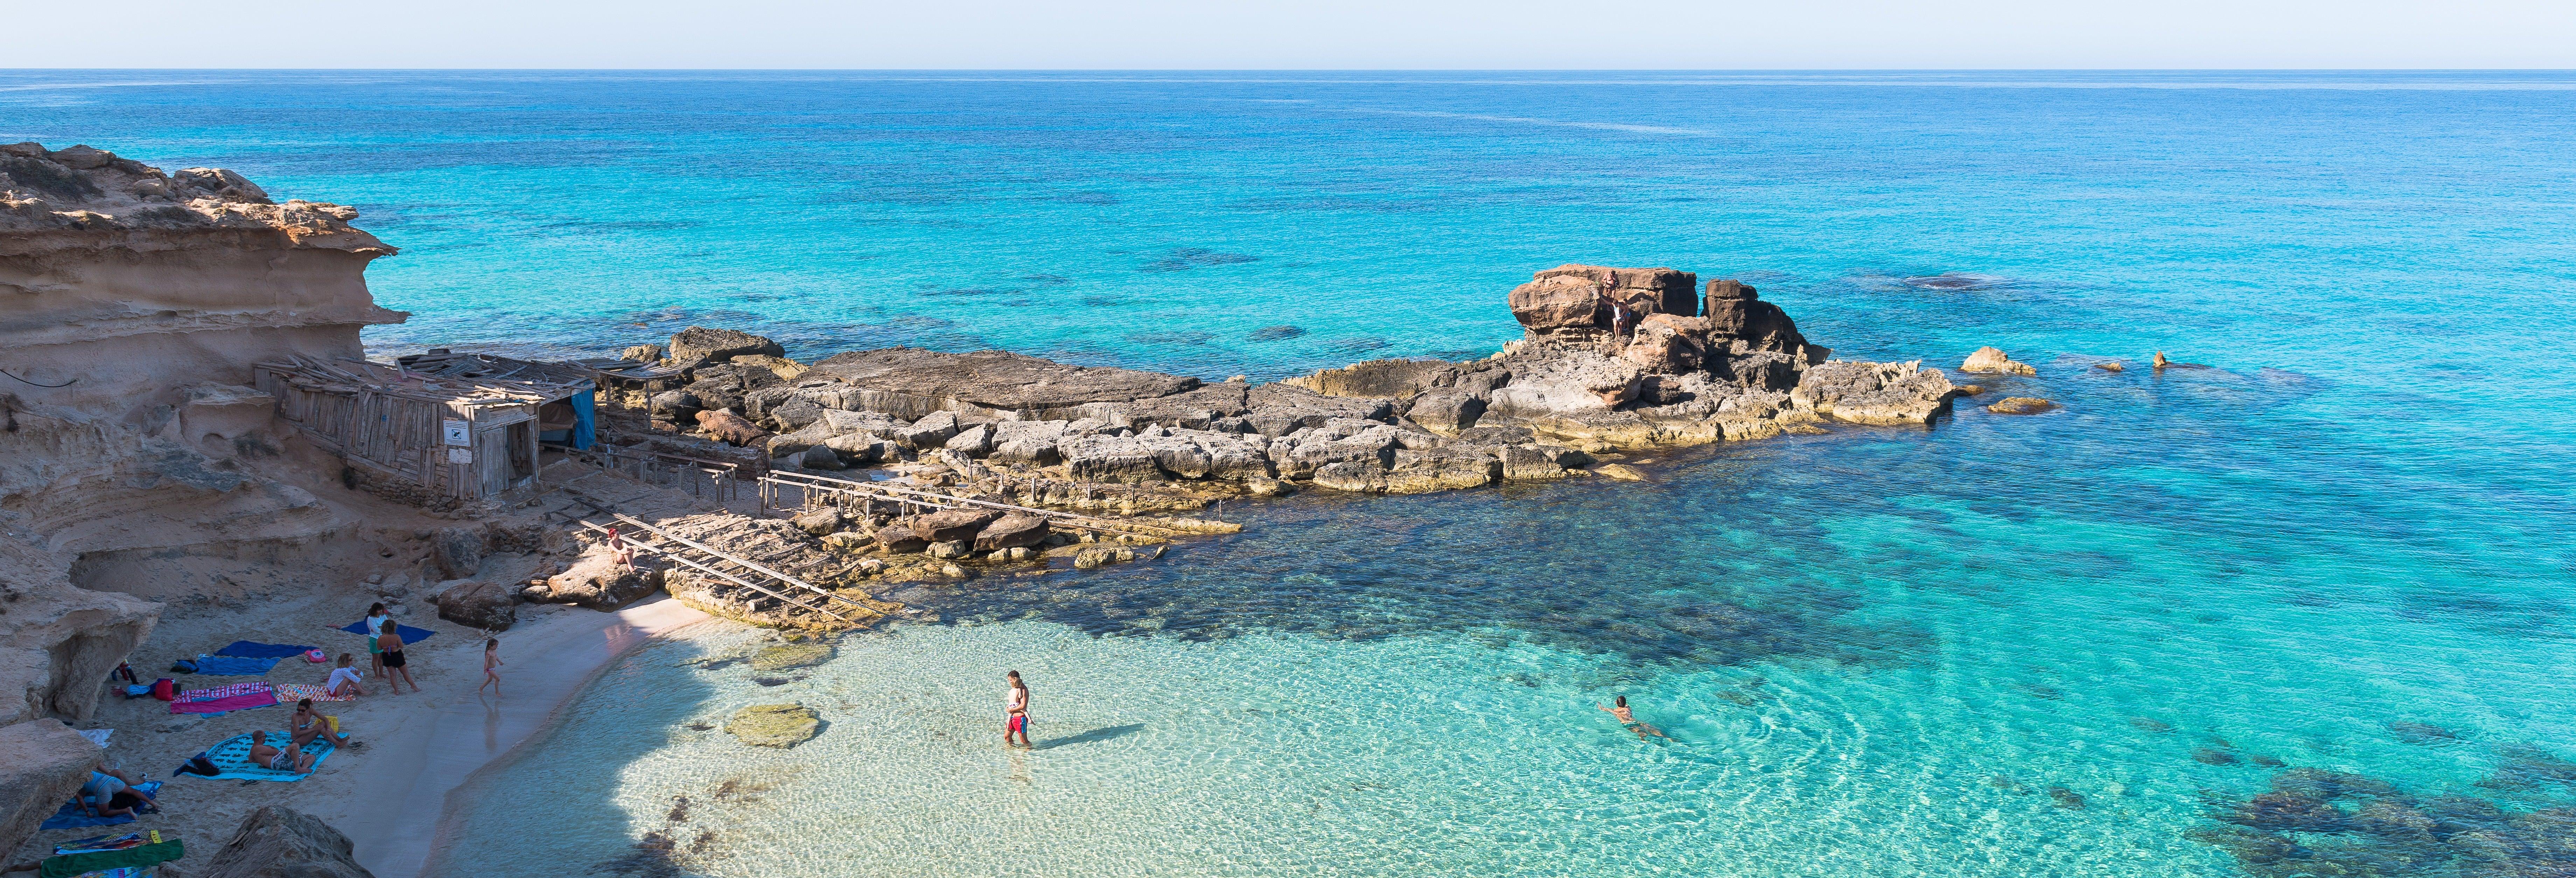 Es Vedrá y calas de Ibiza y Formentera desde Playa d'en Bossa